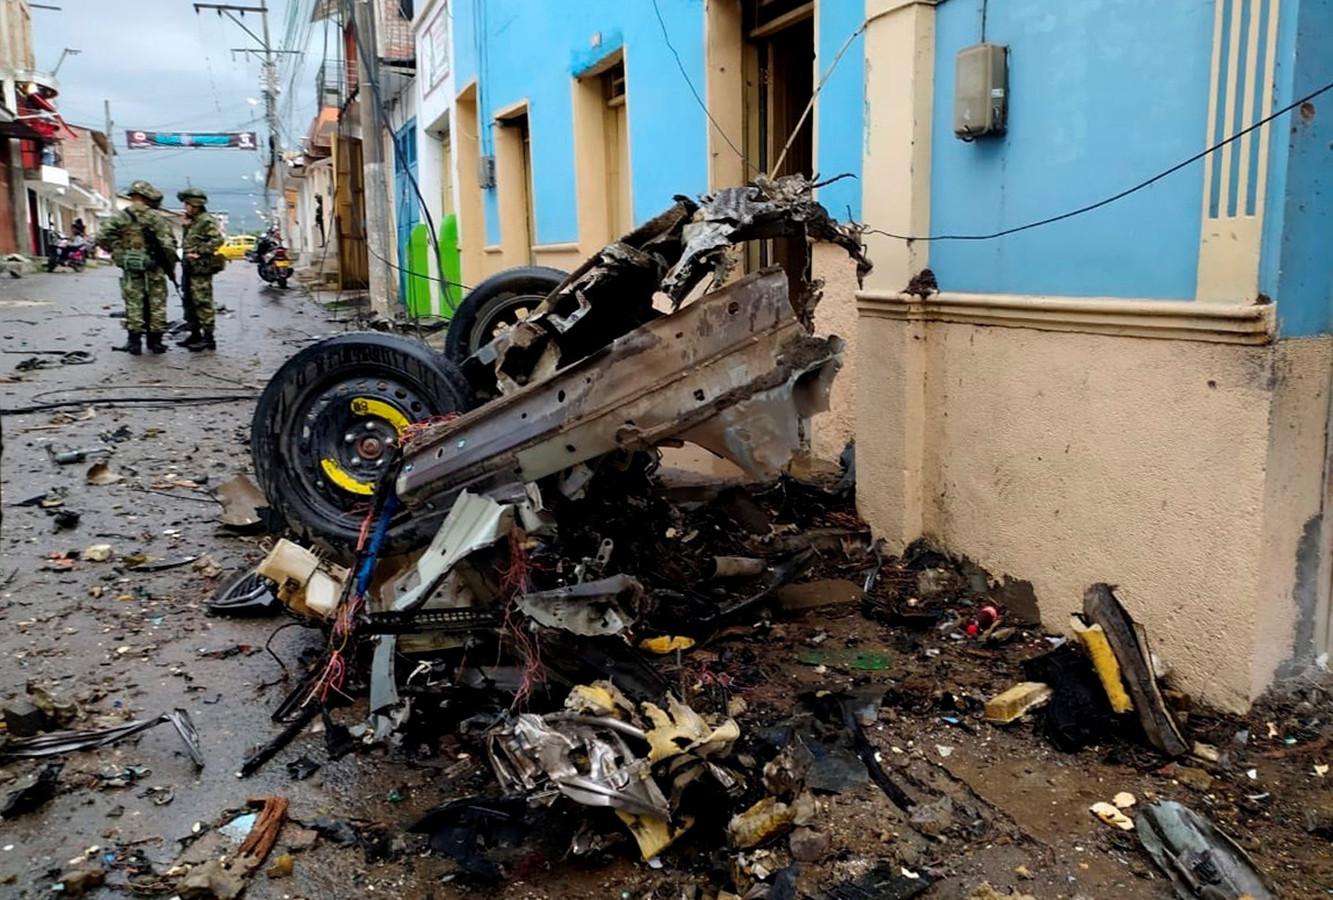 Restanten van de auto die op 27 maart ontplofte in Corinto. De legeractie van zaterdag was een reactie op de autobom.